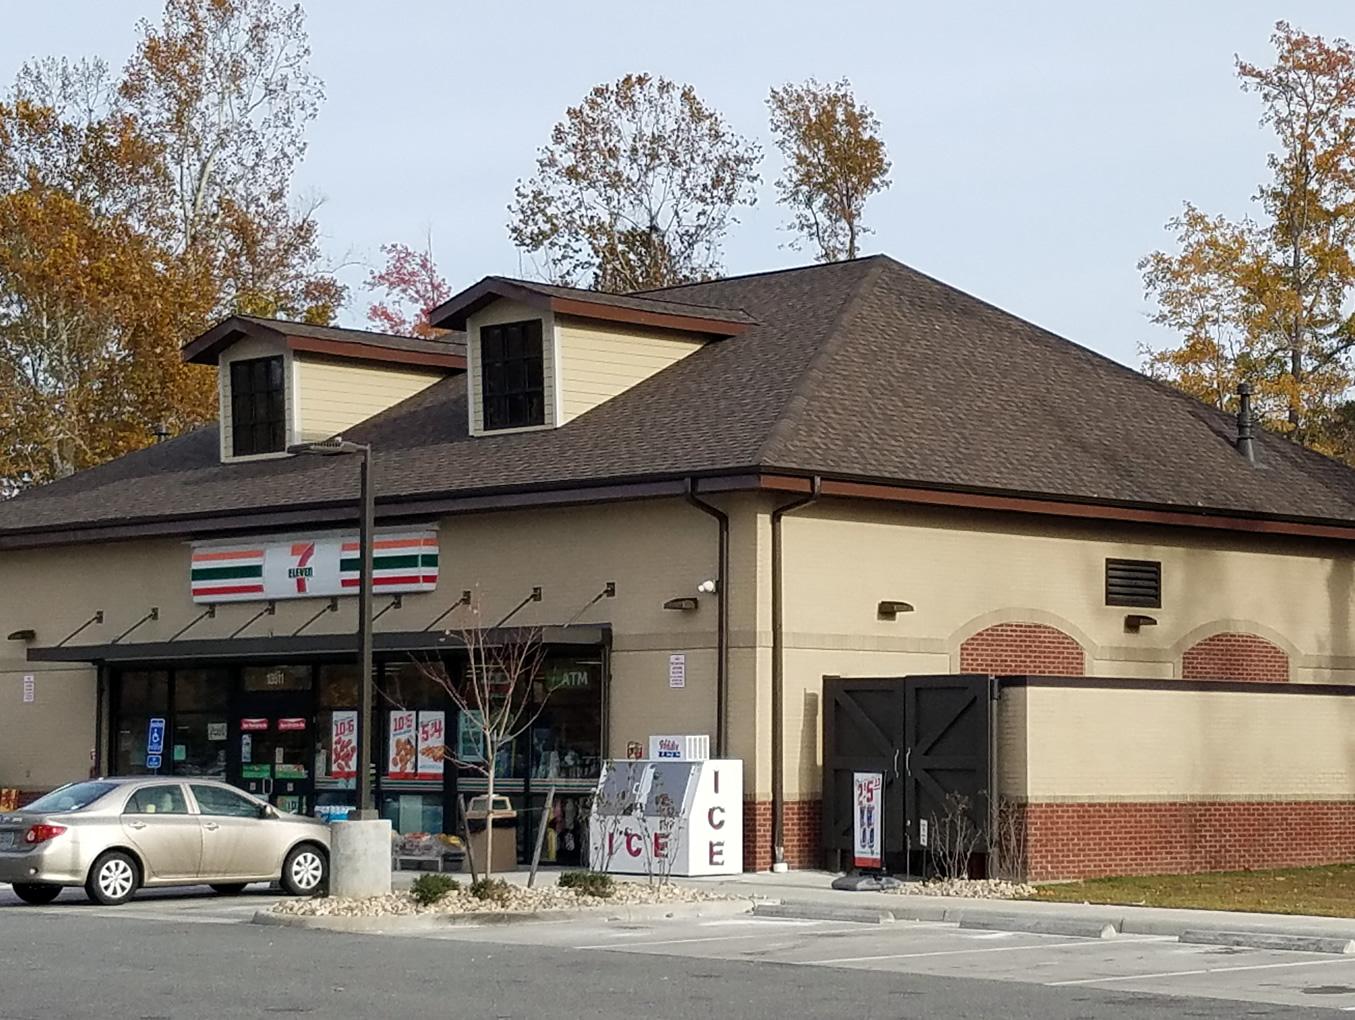 Commercial: 7-Eleven, Carrollton, VA